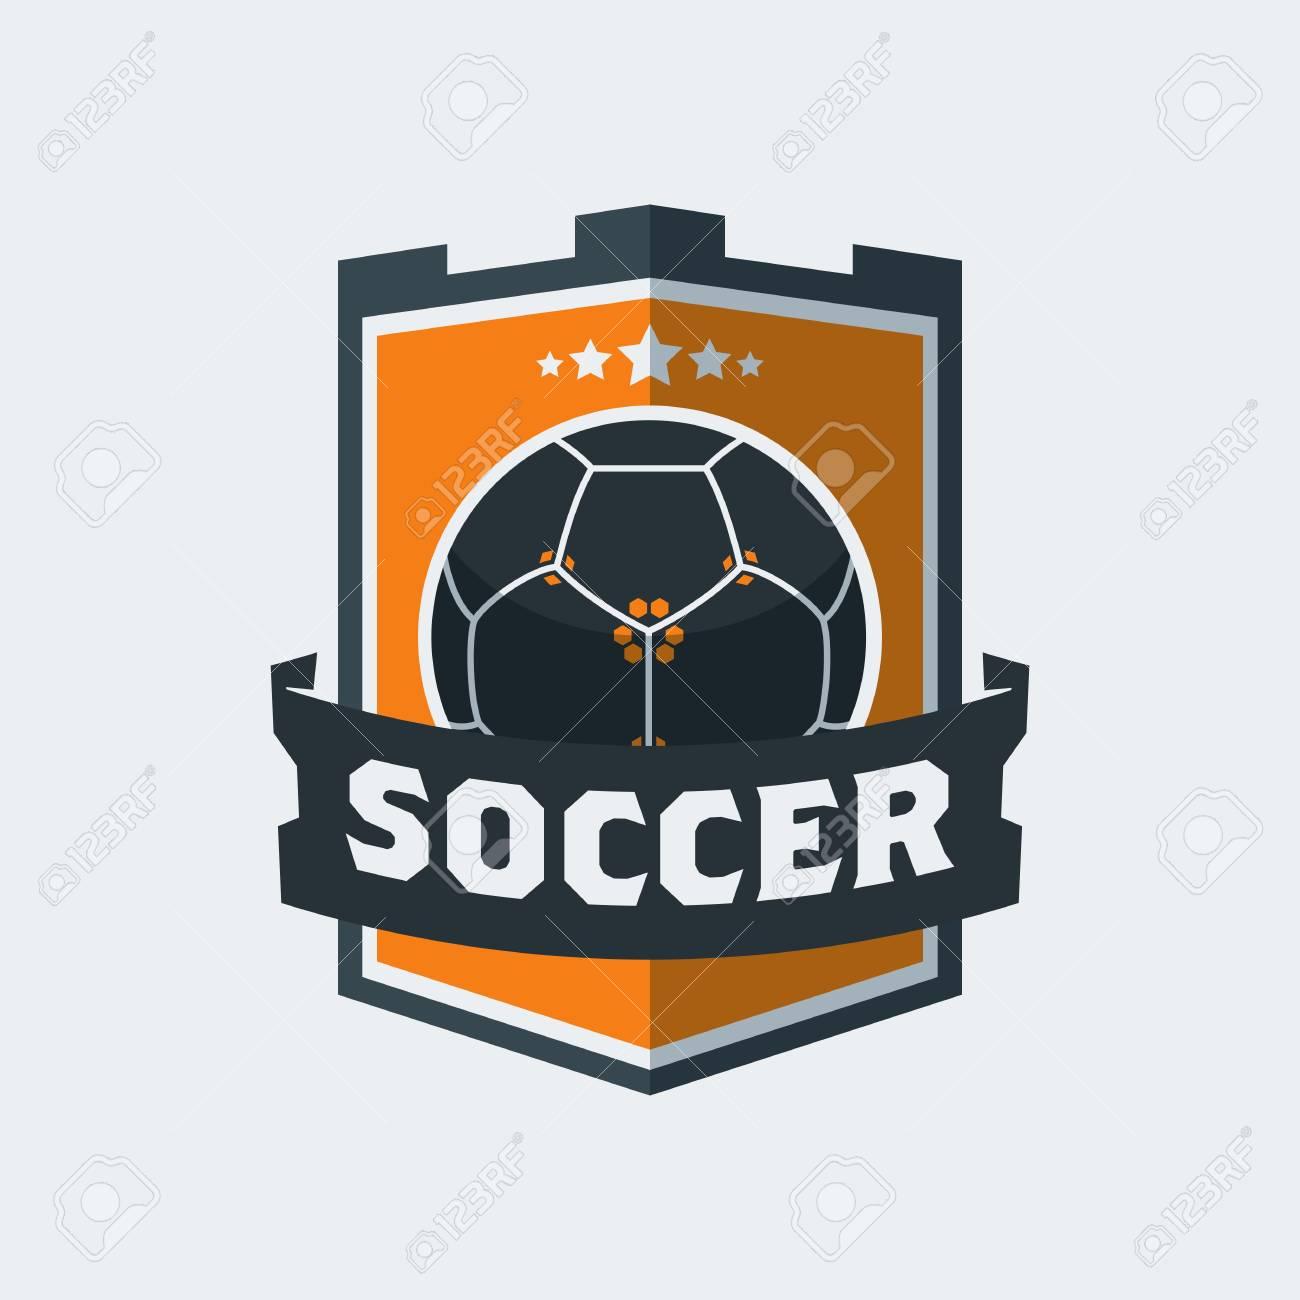 5653daacf9b Soccer Football icon template. Modern sport ball emblem inside shield  design on a light background